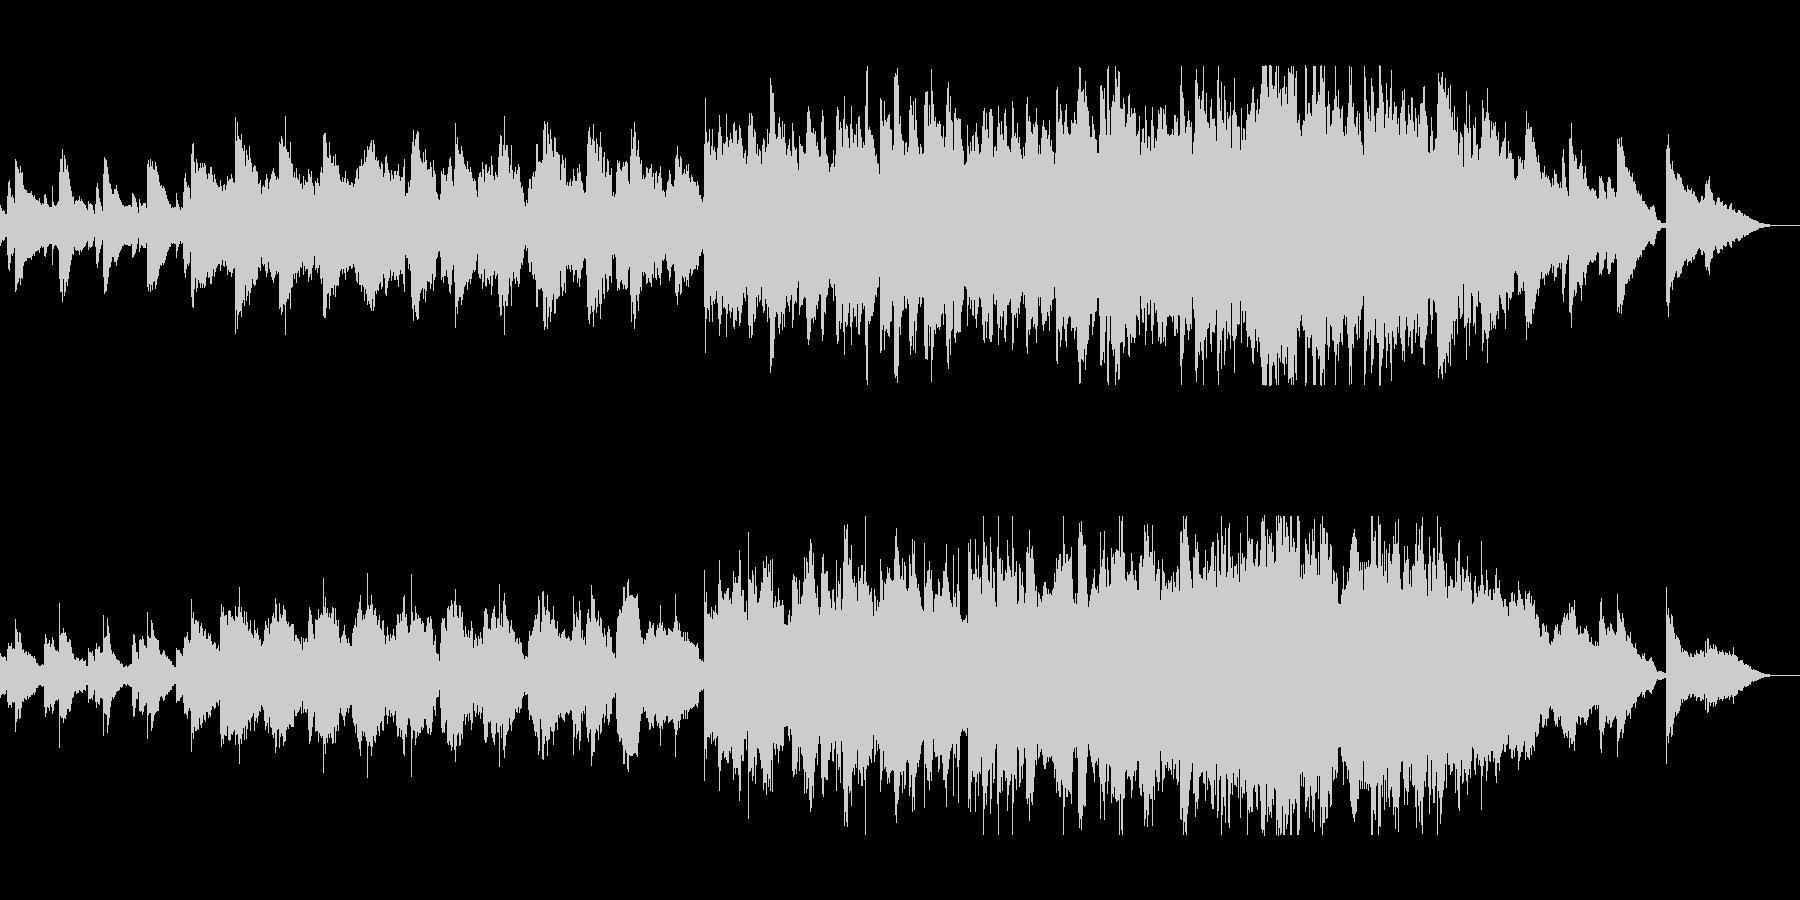 琴の音色が日本的なシンセミュージックの未再生の波形